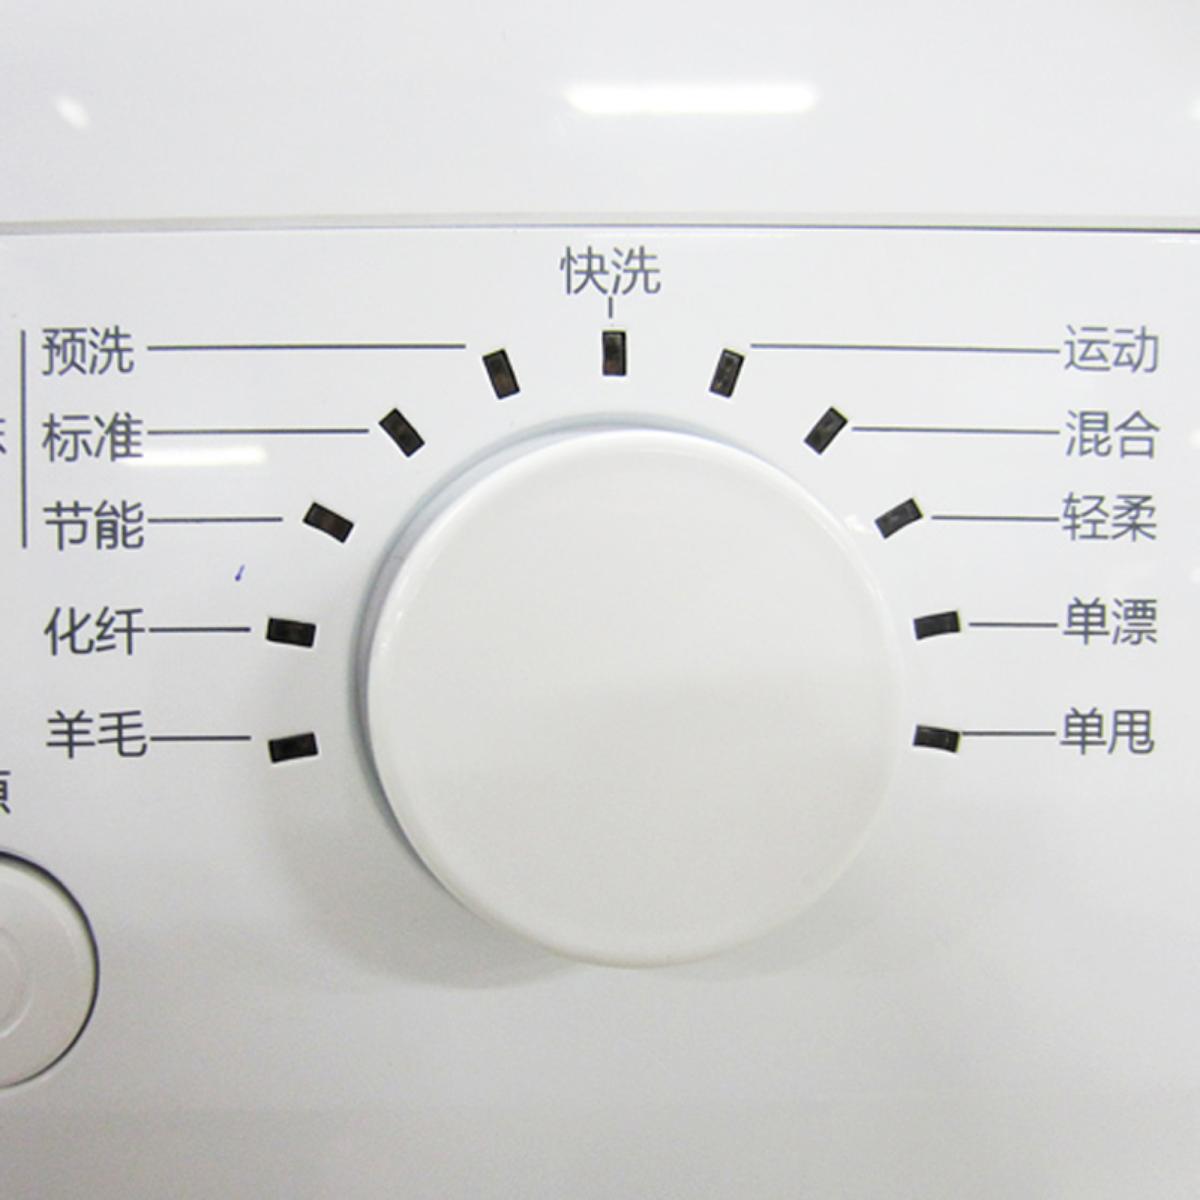 特别提示: 产品 类别 项目 收费标准 双桶洗衣机,2.